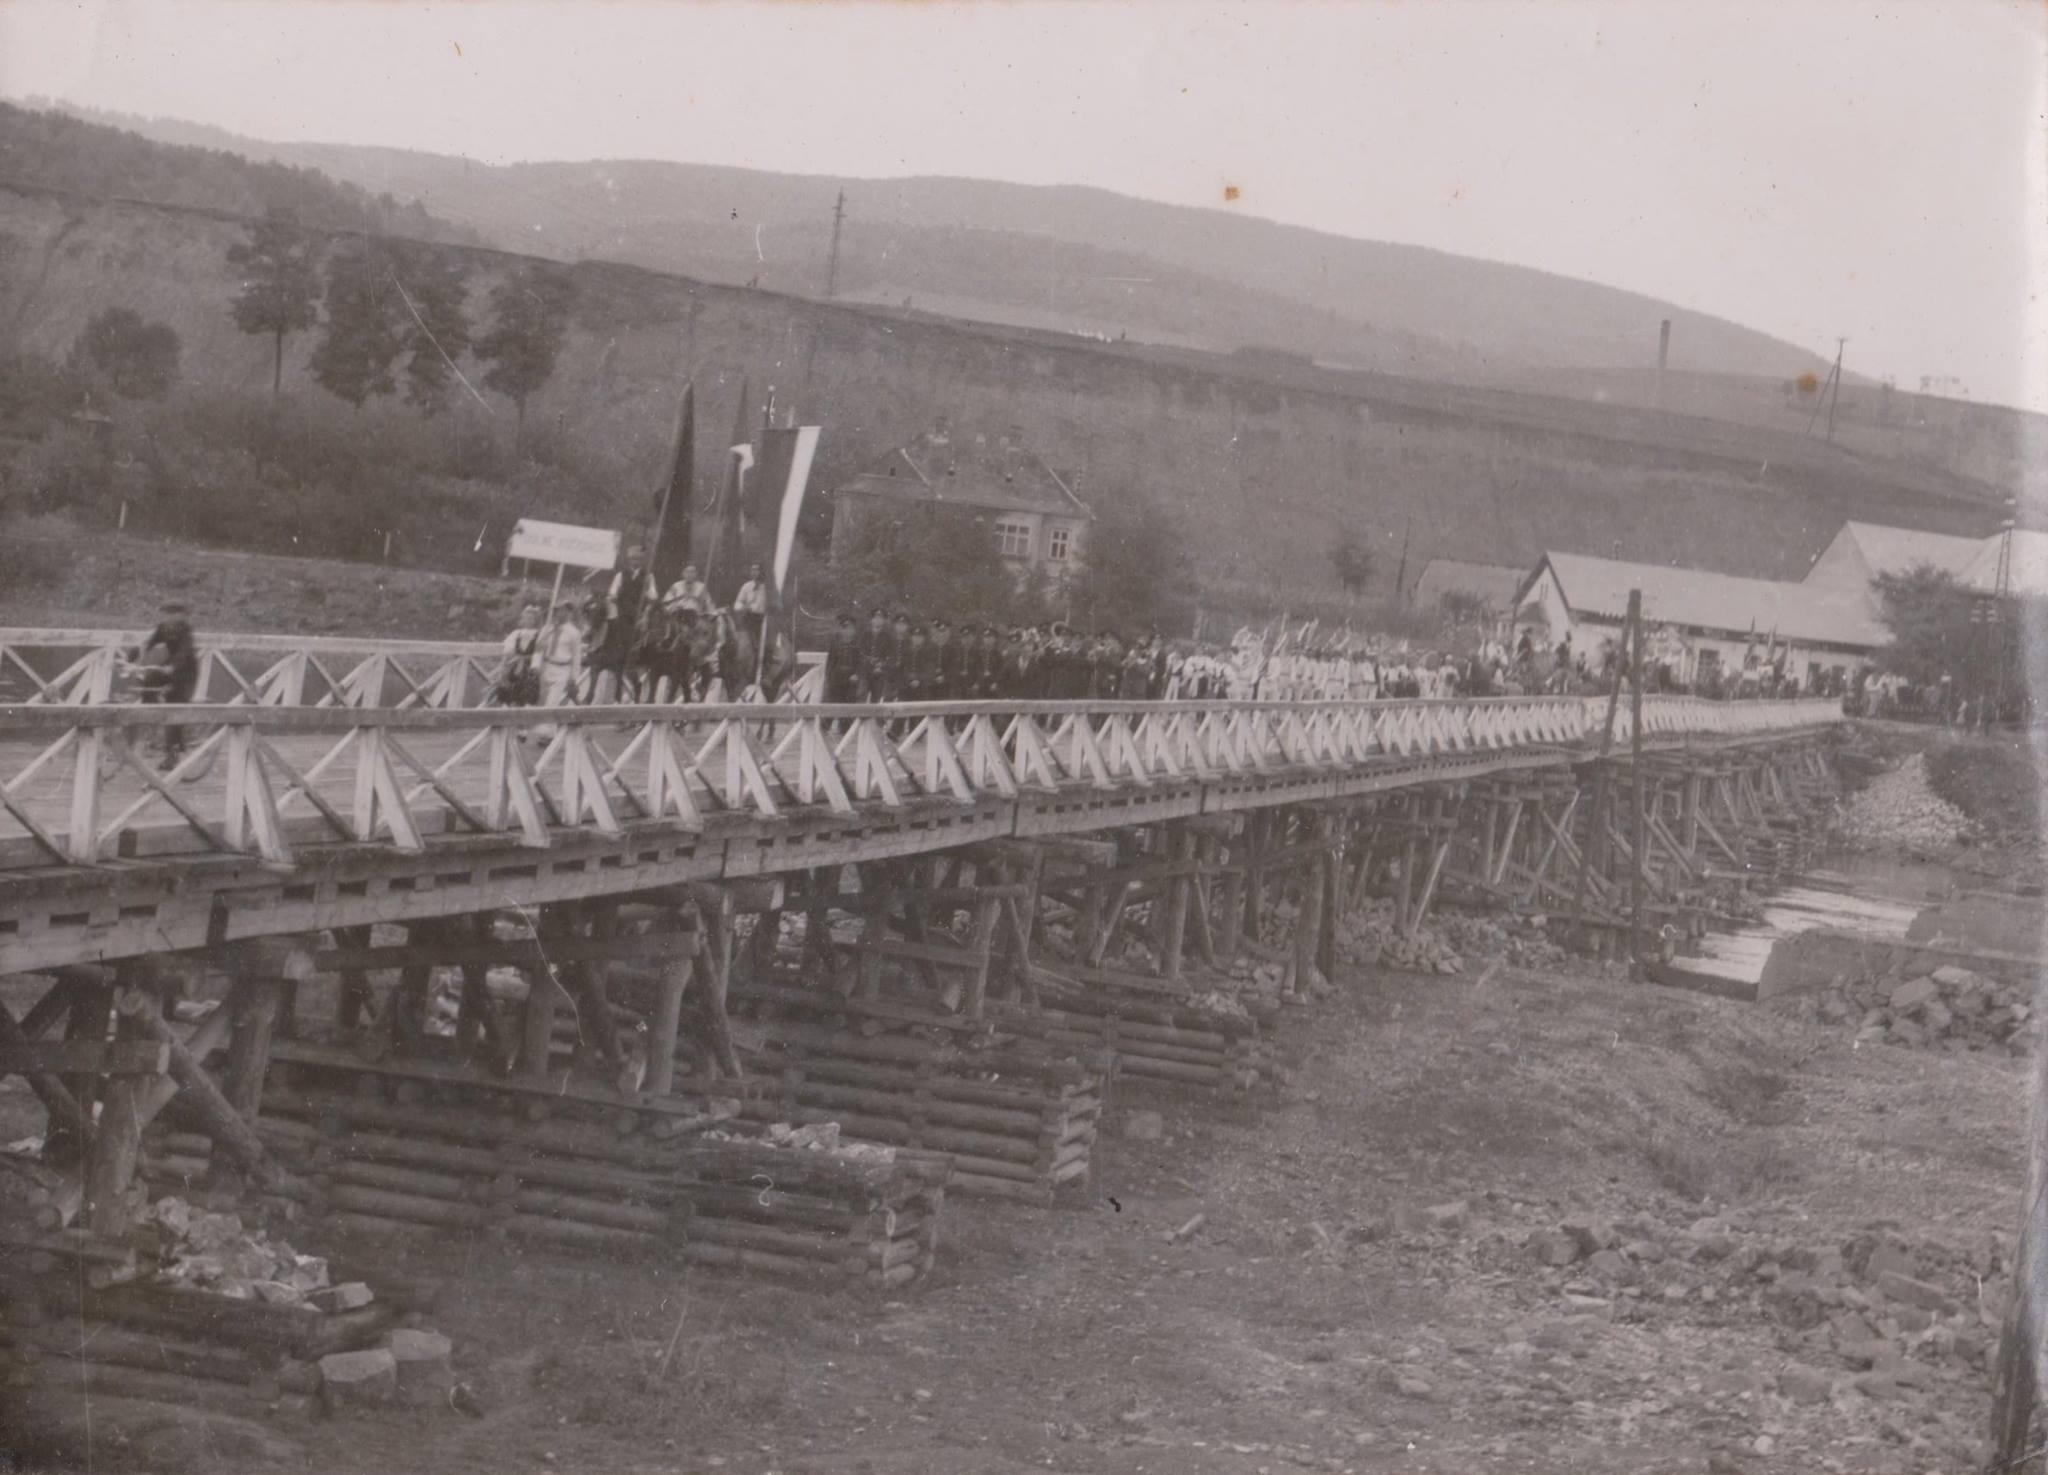 Fotograf zachytil okresnú dožinkovú slávnosť, ktorá sa konala 16. septembra 1945 - v sprievode na provizórnom drevenom moste cez Váh do Púchova sú obyvatelia Dolných Kočkoviec.